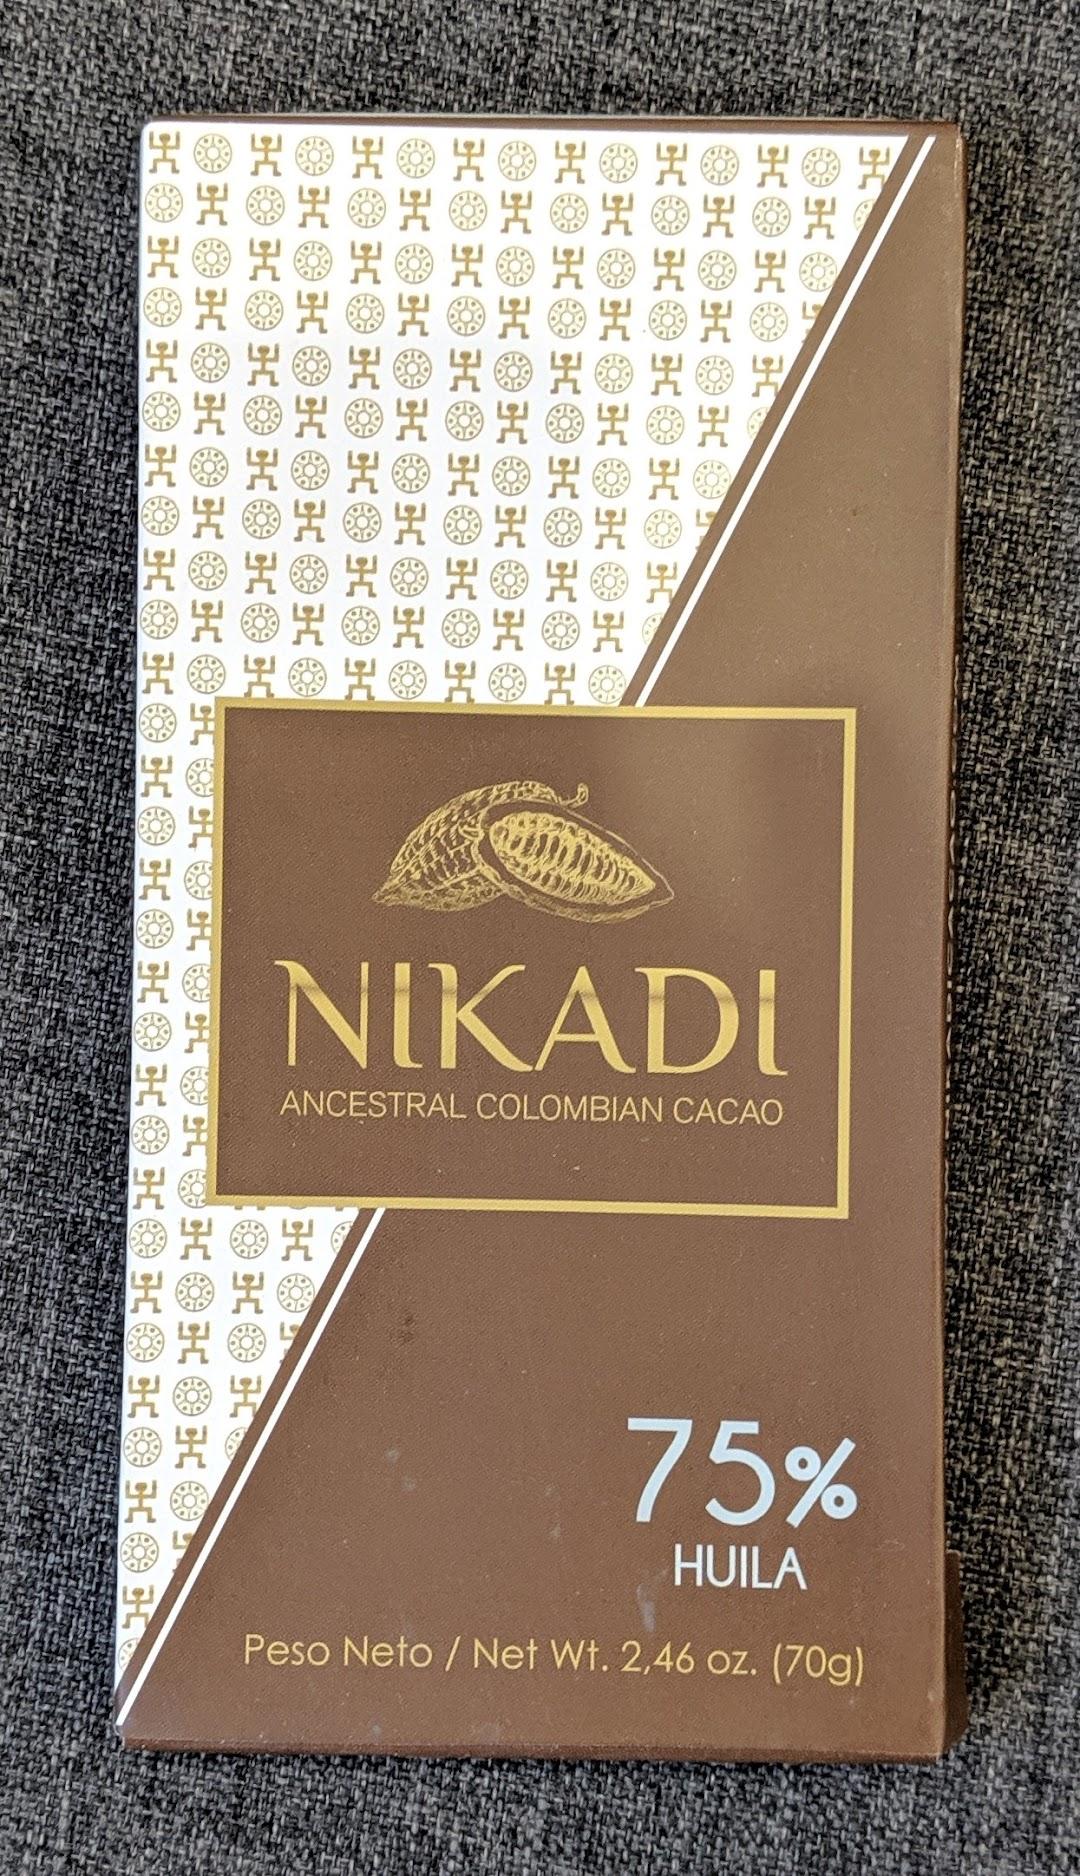 75% nicadi bar